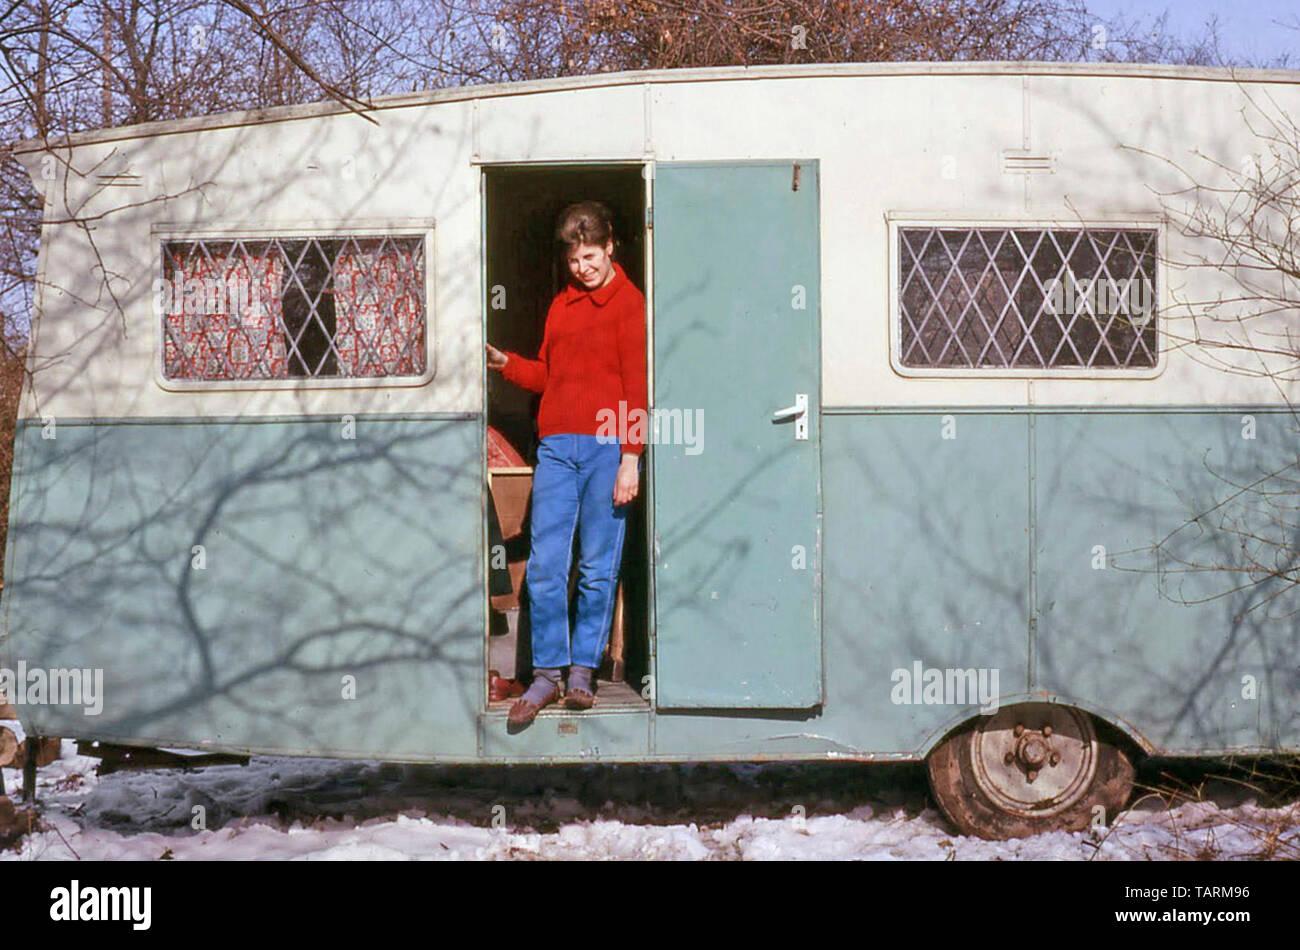 Archivado 1960 recién casada joven de pie en la puerta del ruinoso edificio cubierto de nieve caravana antiguo sitio primero hogar conyugal 60s Inglaterra Imagen De Stock